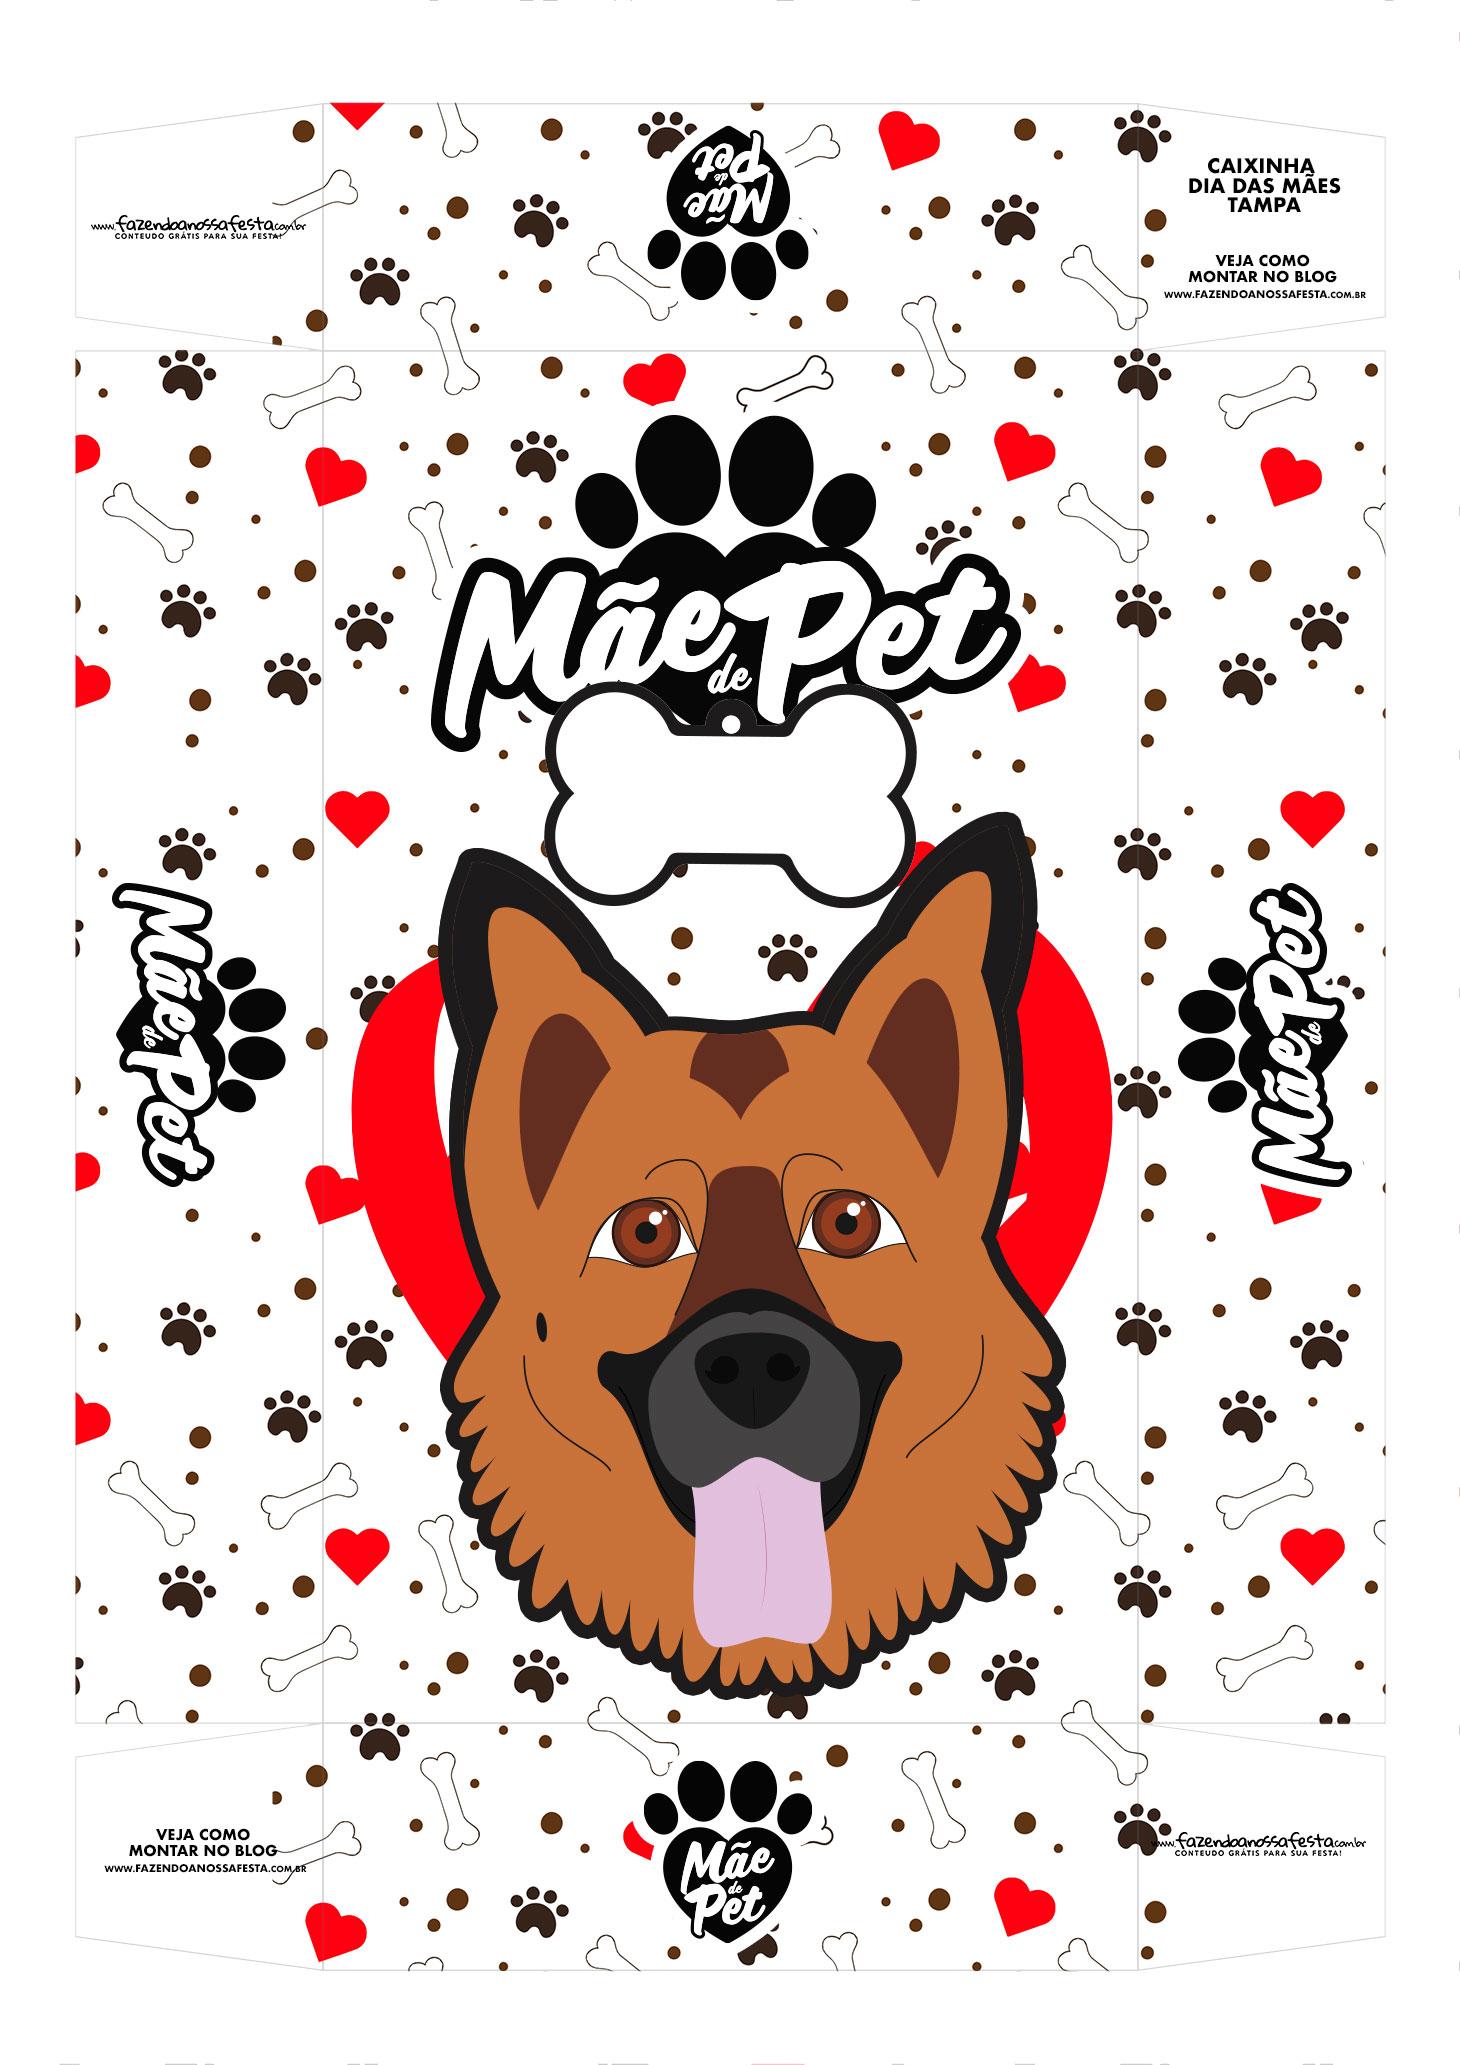 Caixa Mae de Pet pastor alemao